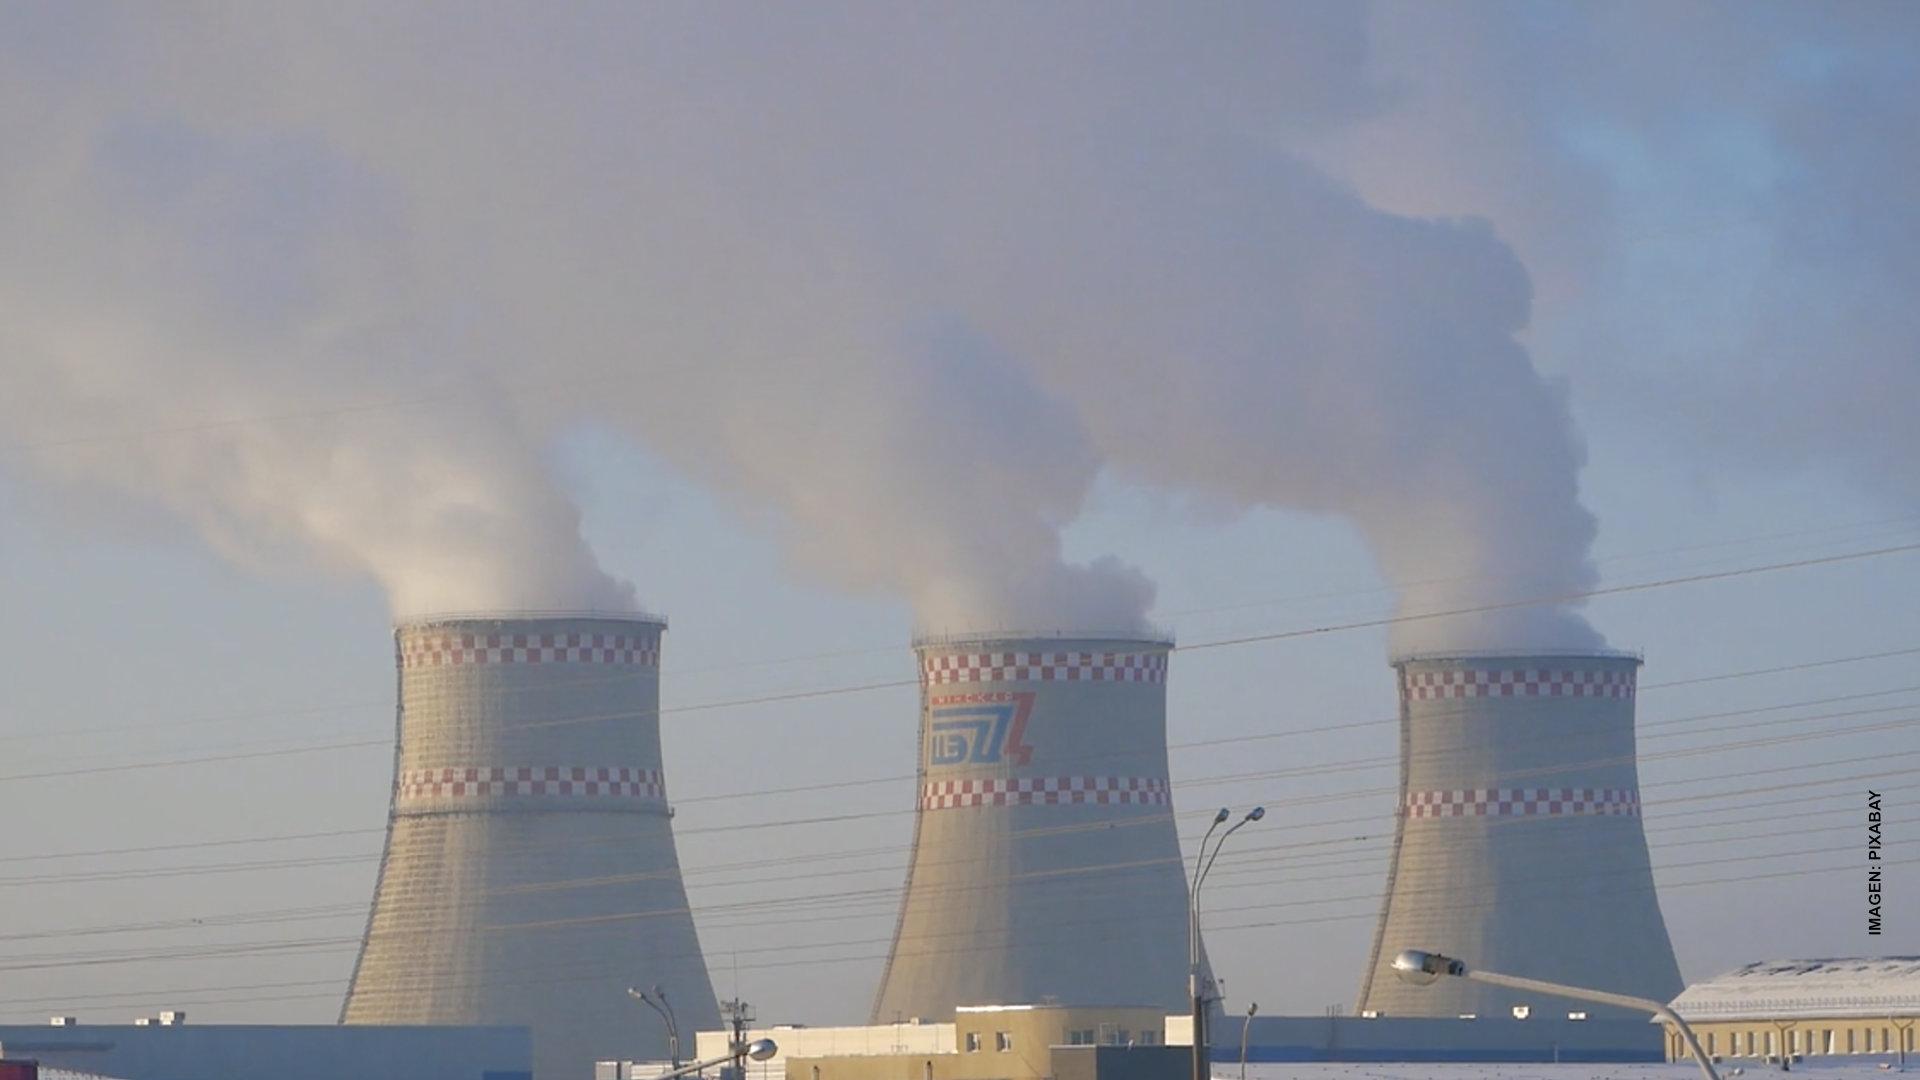 Presenta gobierno de Trudeau plan para reducir emisión de gases